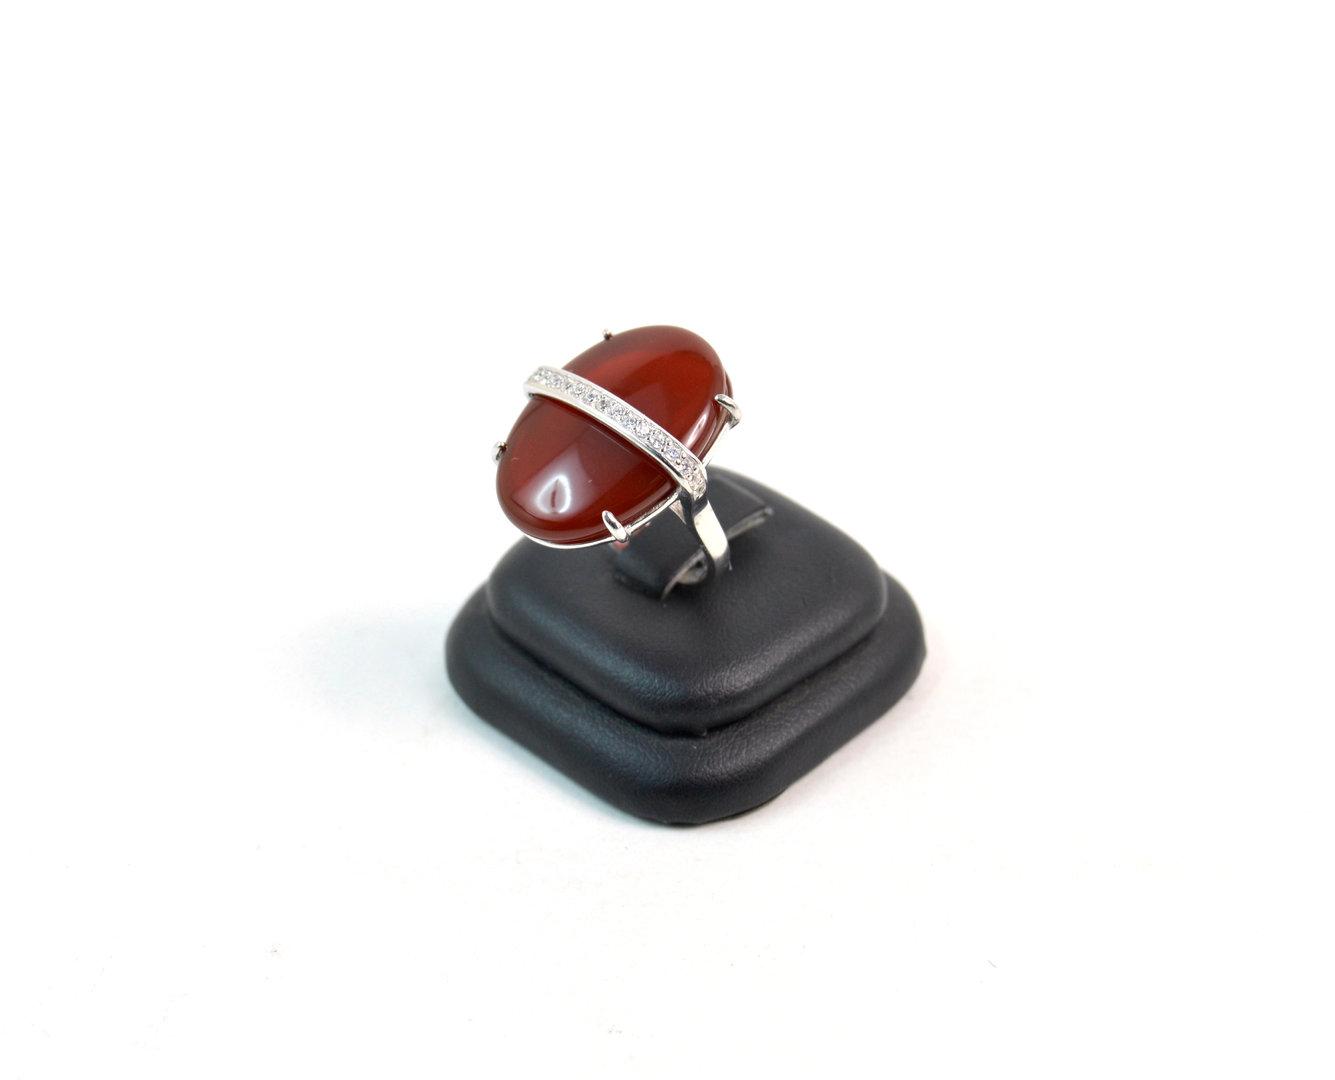 Anello in argento 925  con corniola tonda a semisfera